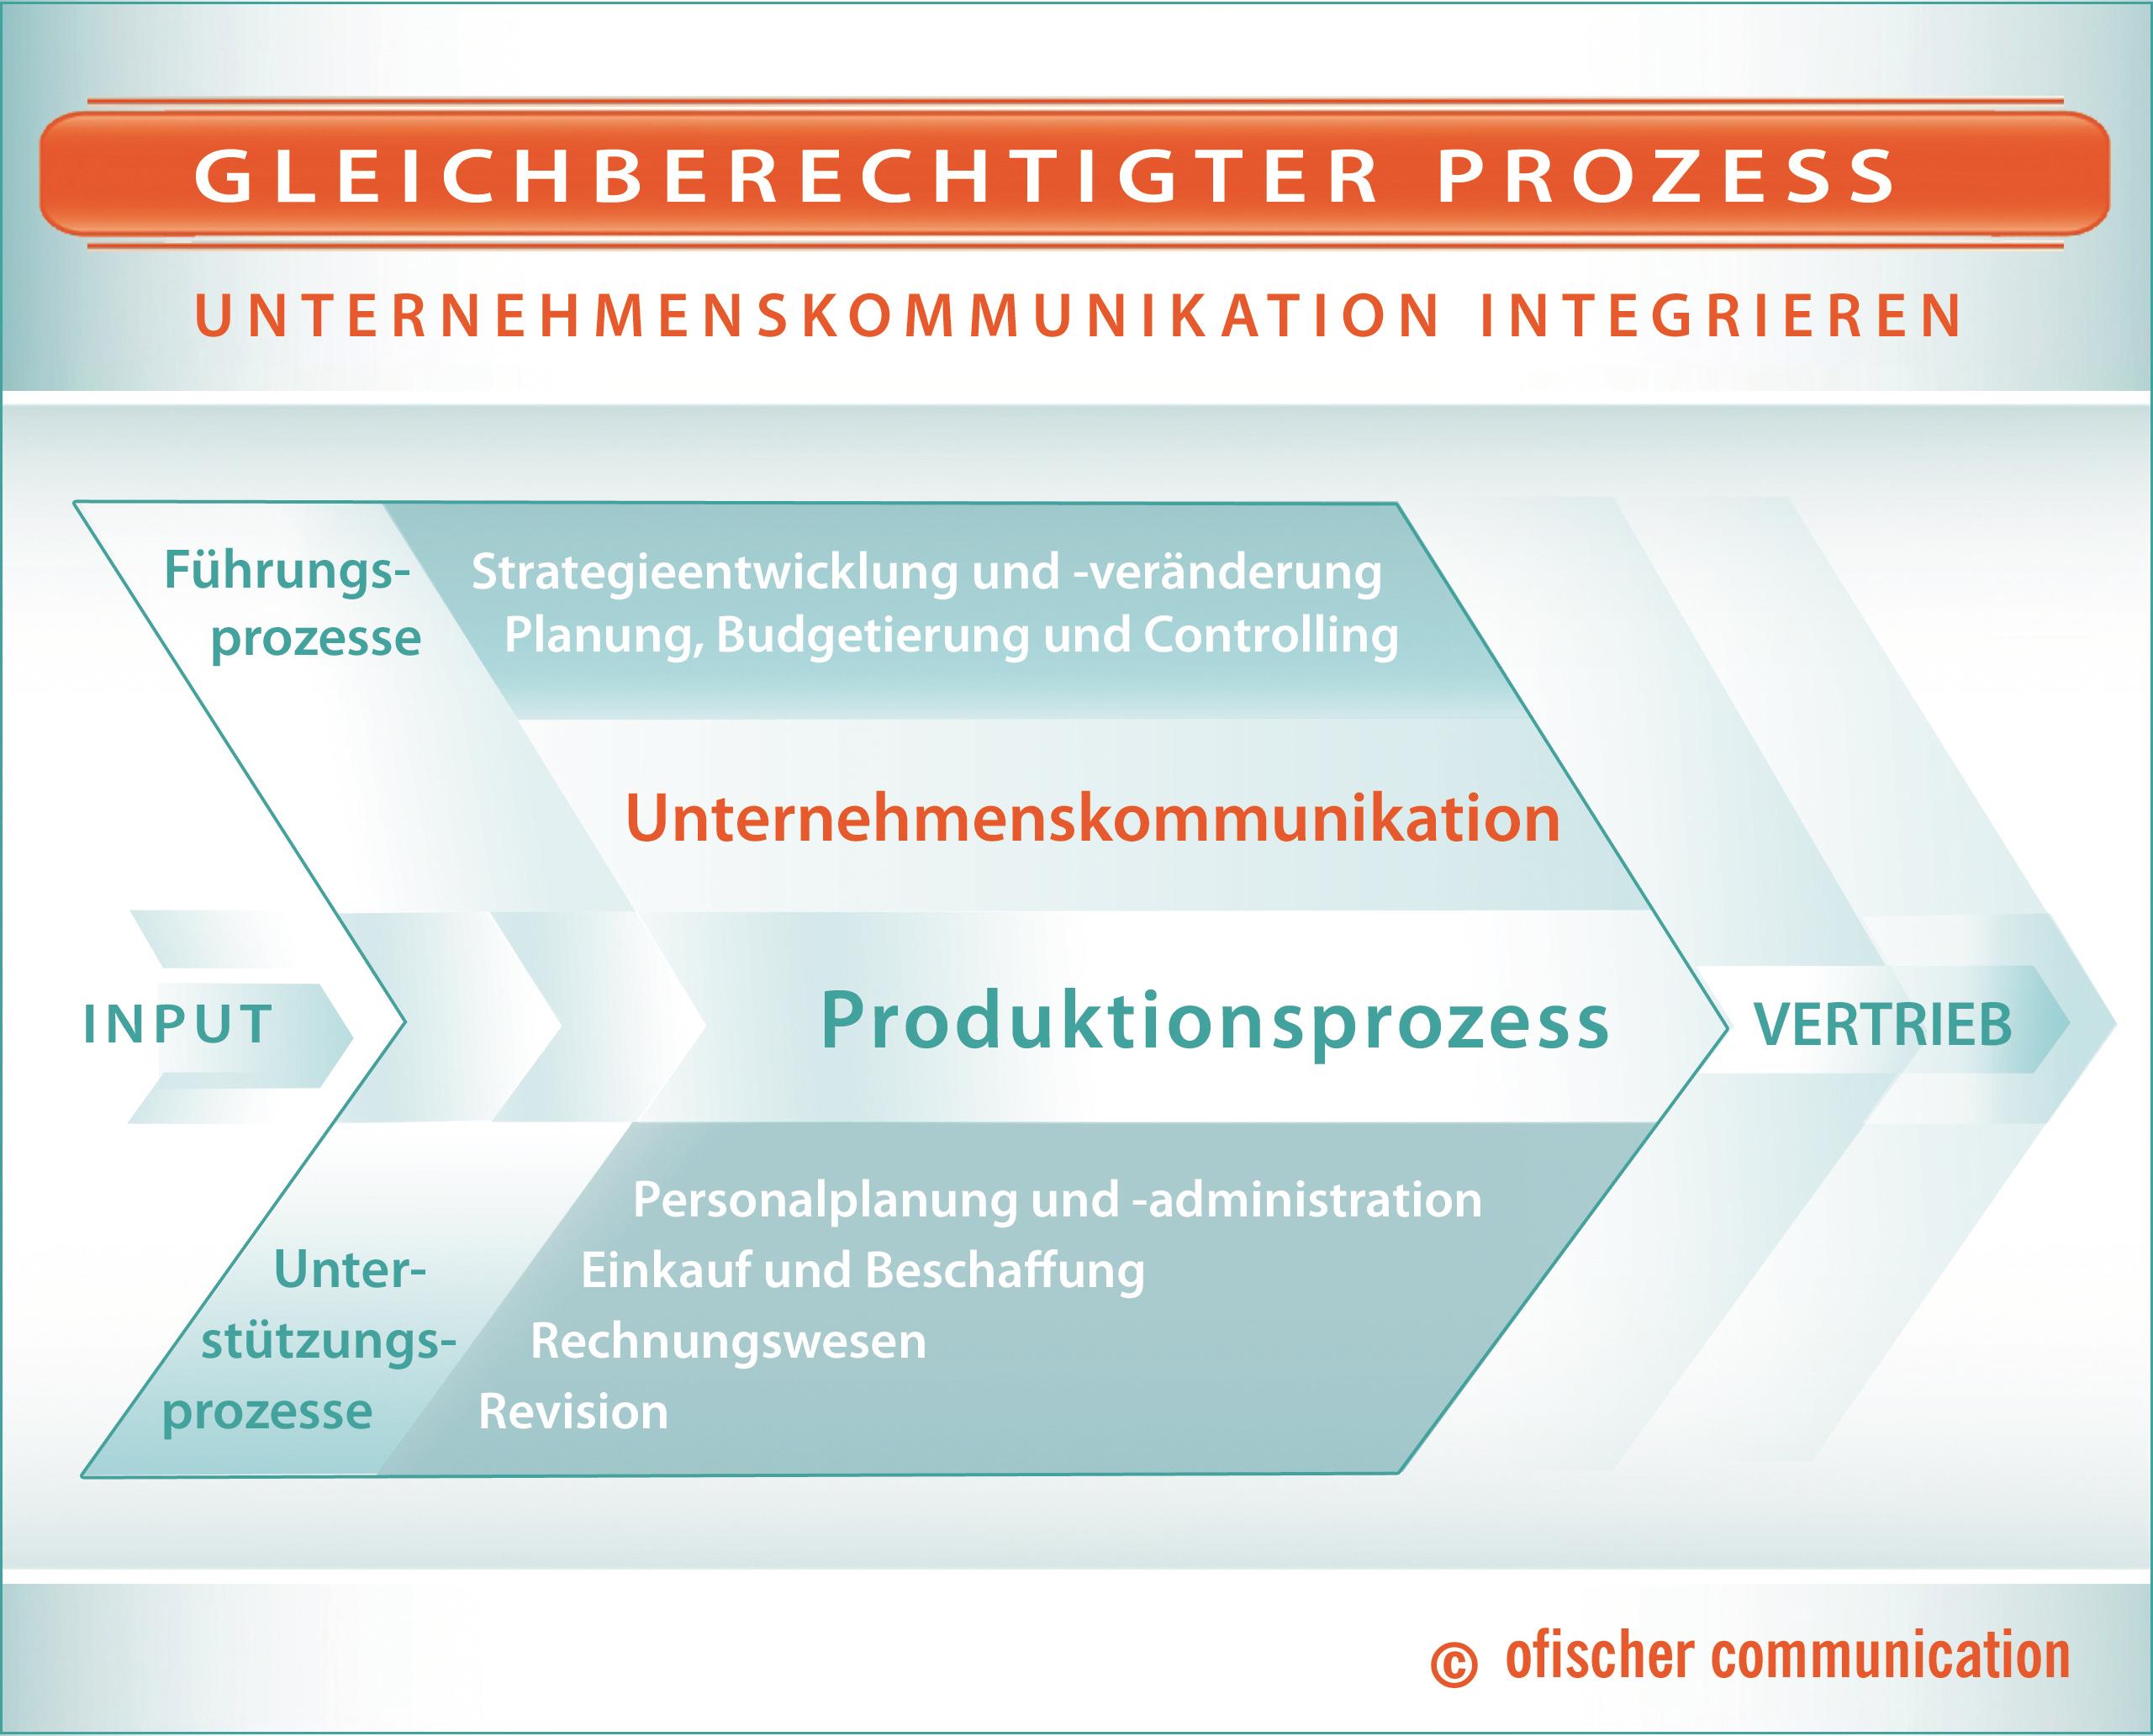 Mit Marketingplan, Marketingstrategie und Kommunikationskonzept für b2b-Zielgruppen einen erfolgreichen Marketingprozess einleiten.